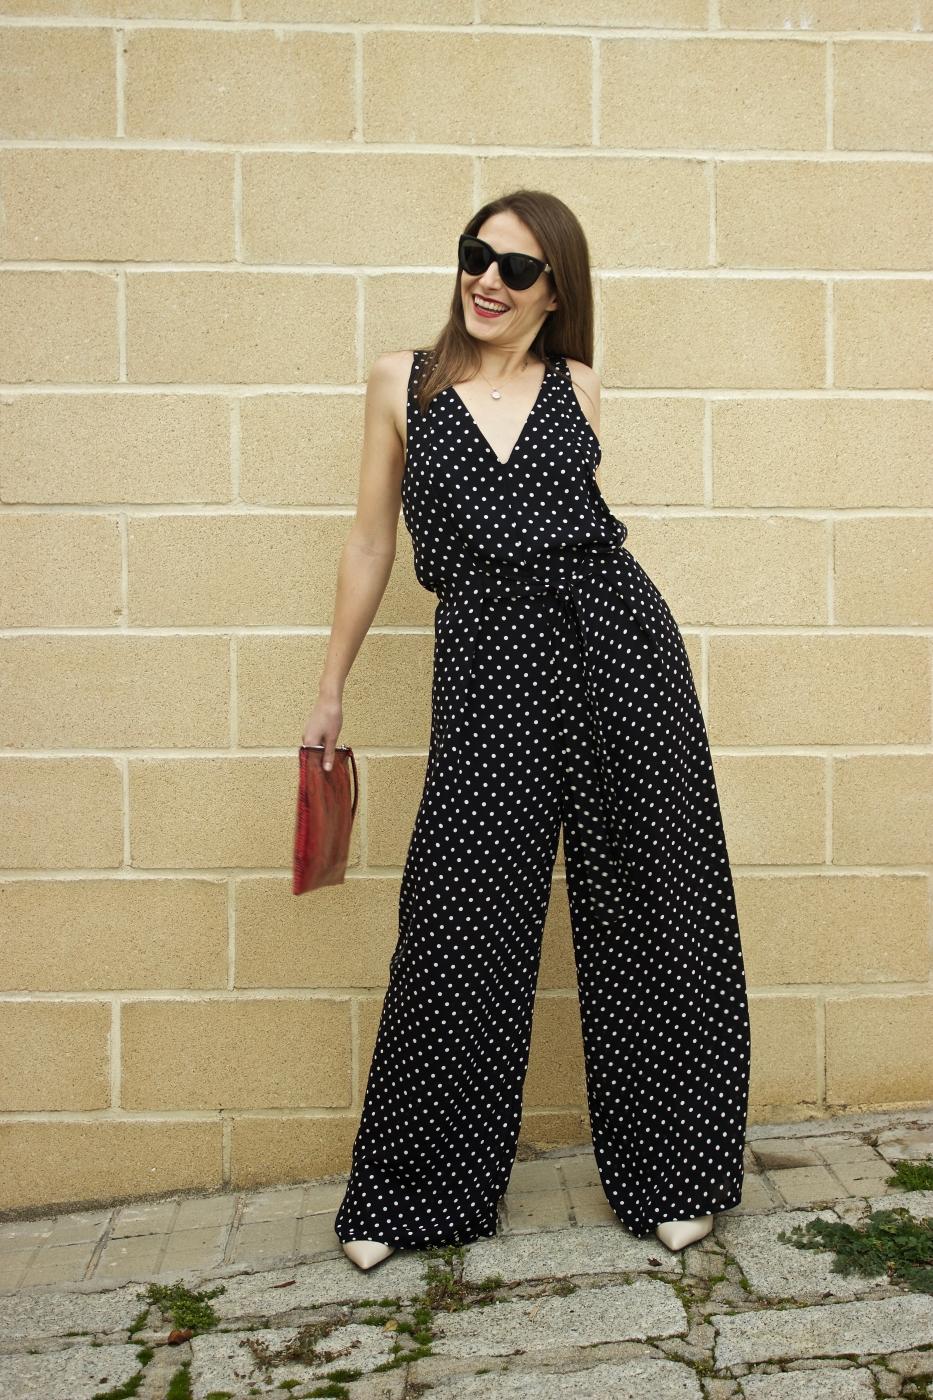 lara-vazquez-madlula-style-streetstyle-ootd-fashionblog-jumpsuit-chic-look